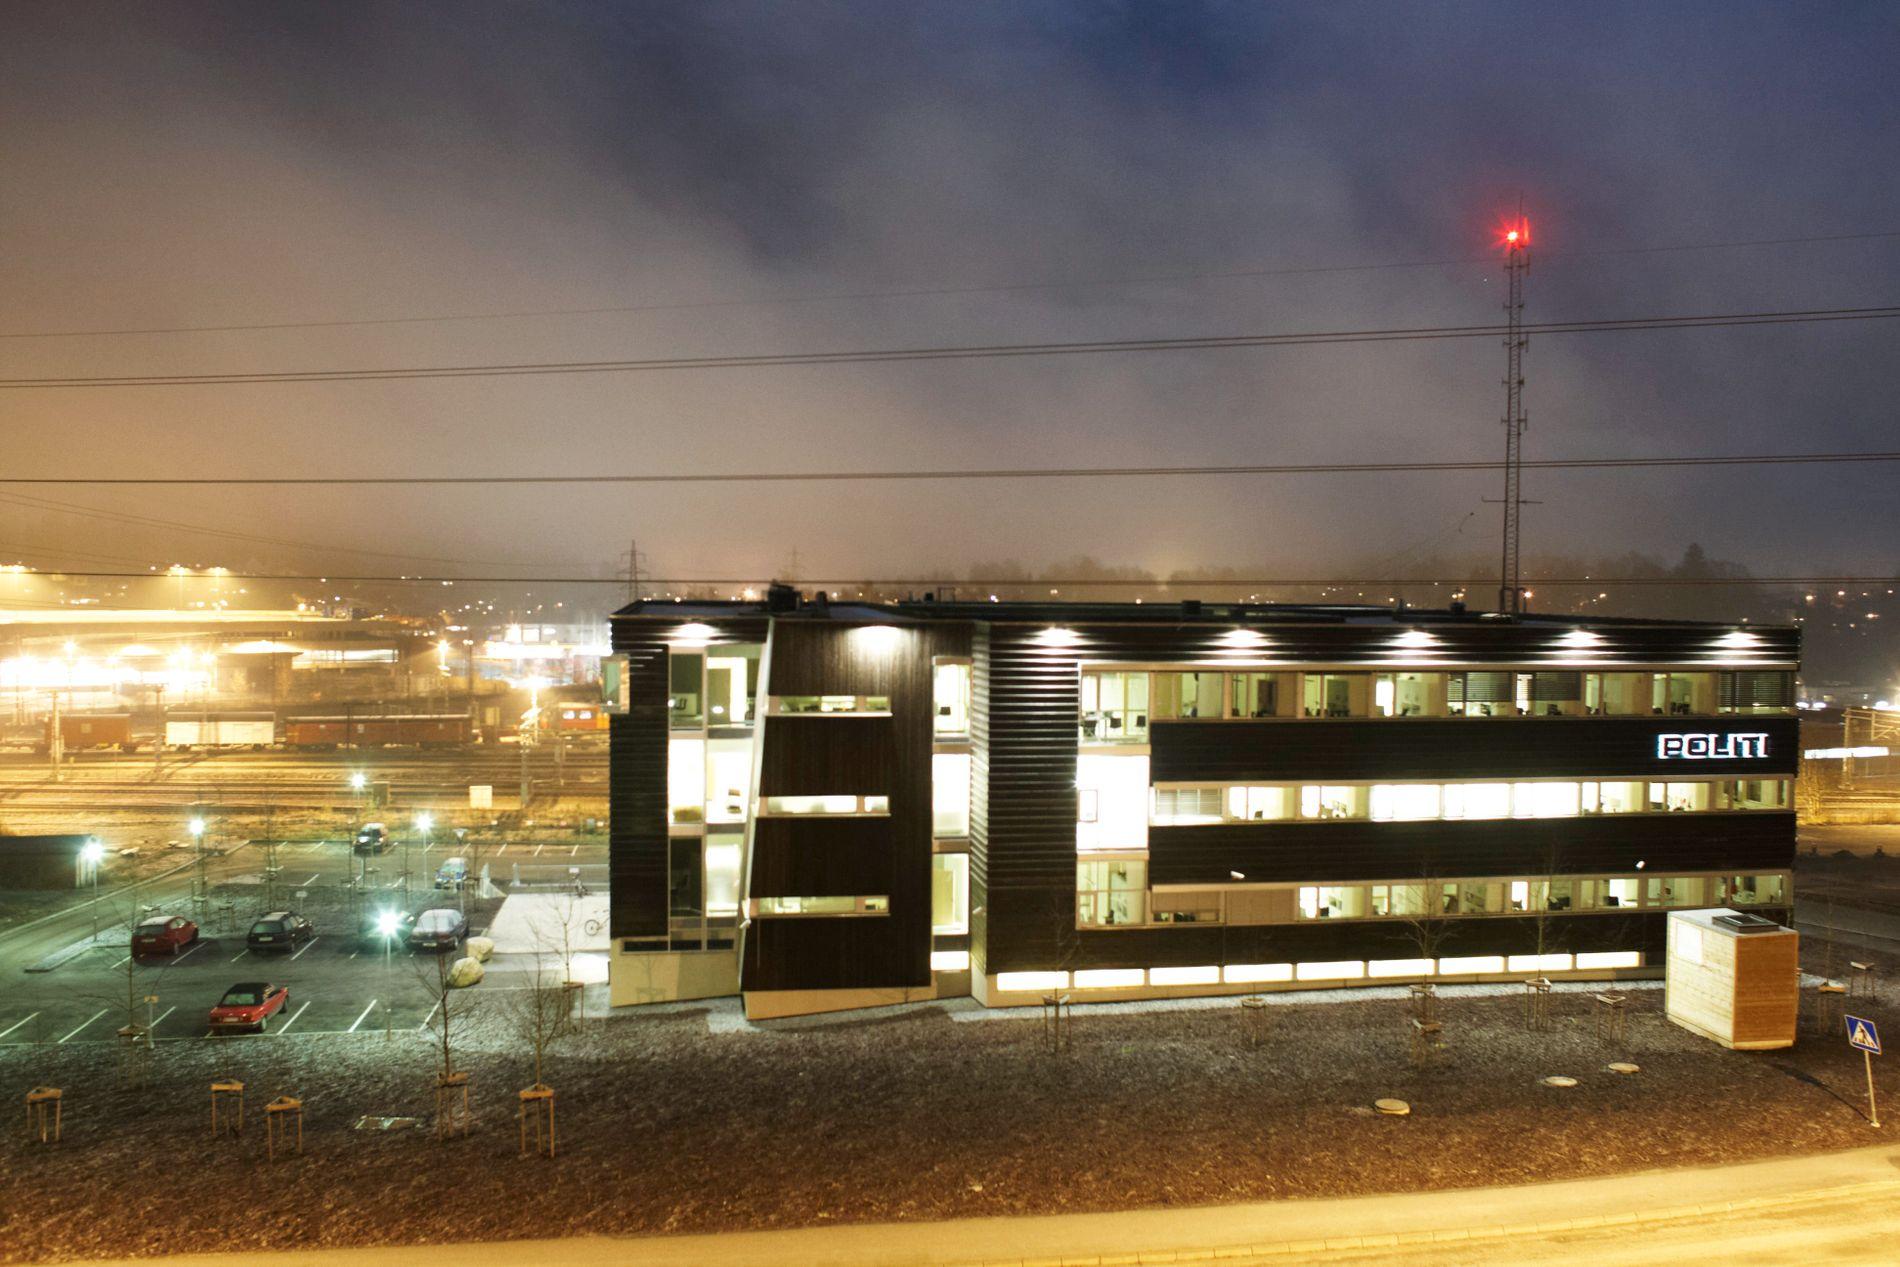 FOLLO POLITIKAMMER: I dette bygget ligger Barnevernvakten hvor Alne har jobbet som tilkallingsvikar siden juni i år. FOTO: TORE KRISTIANSEN, VG